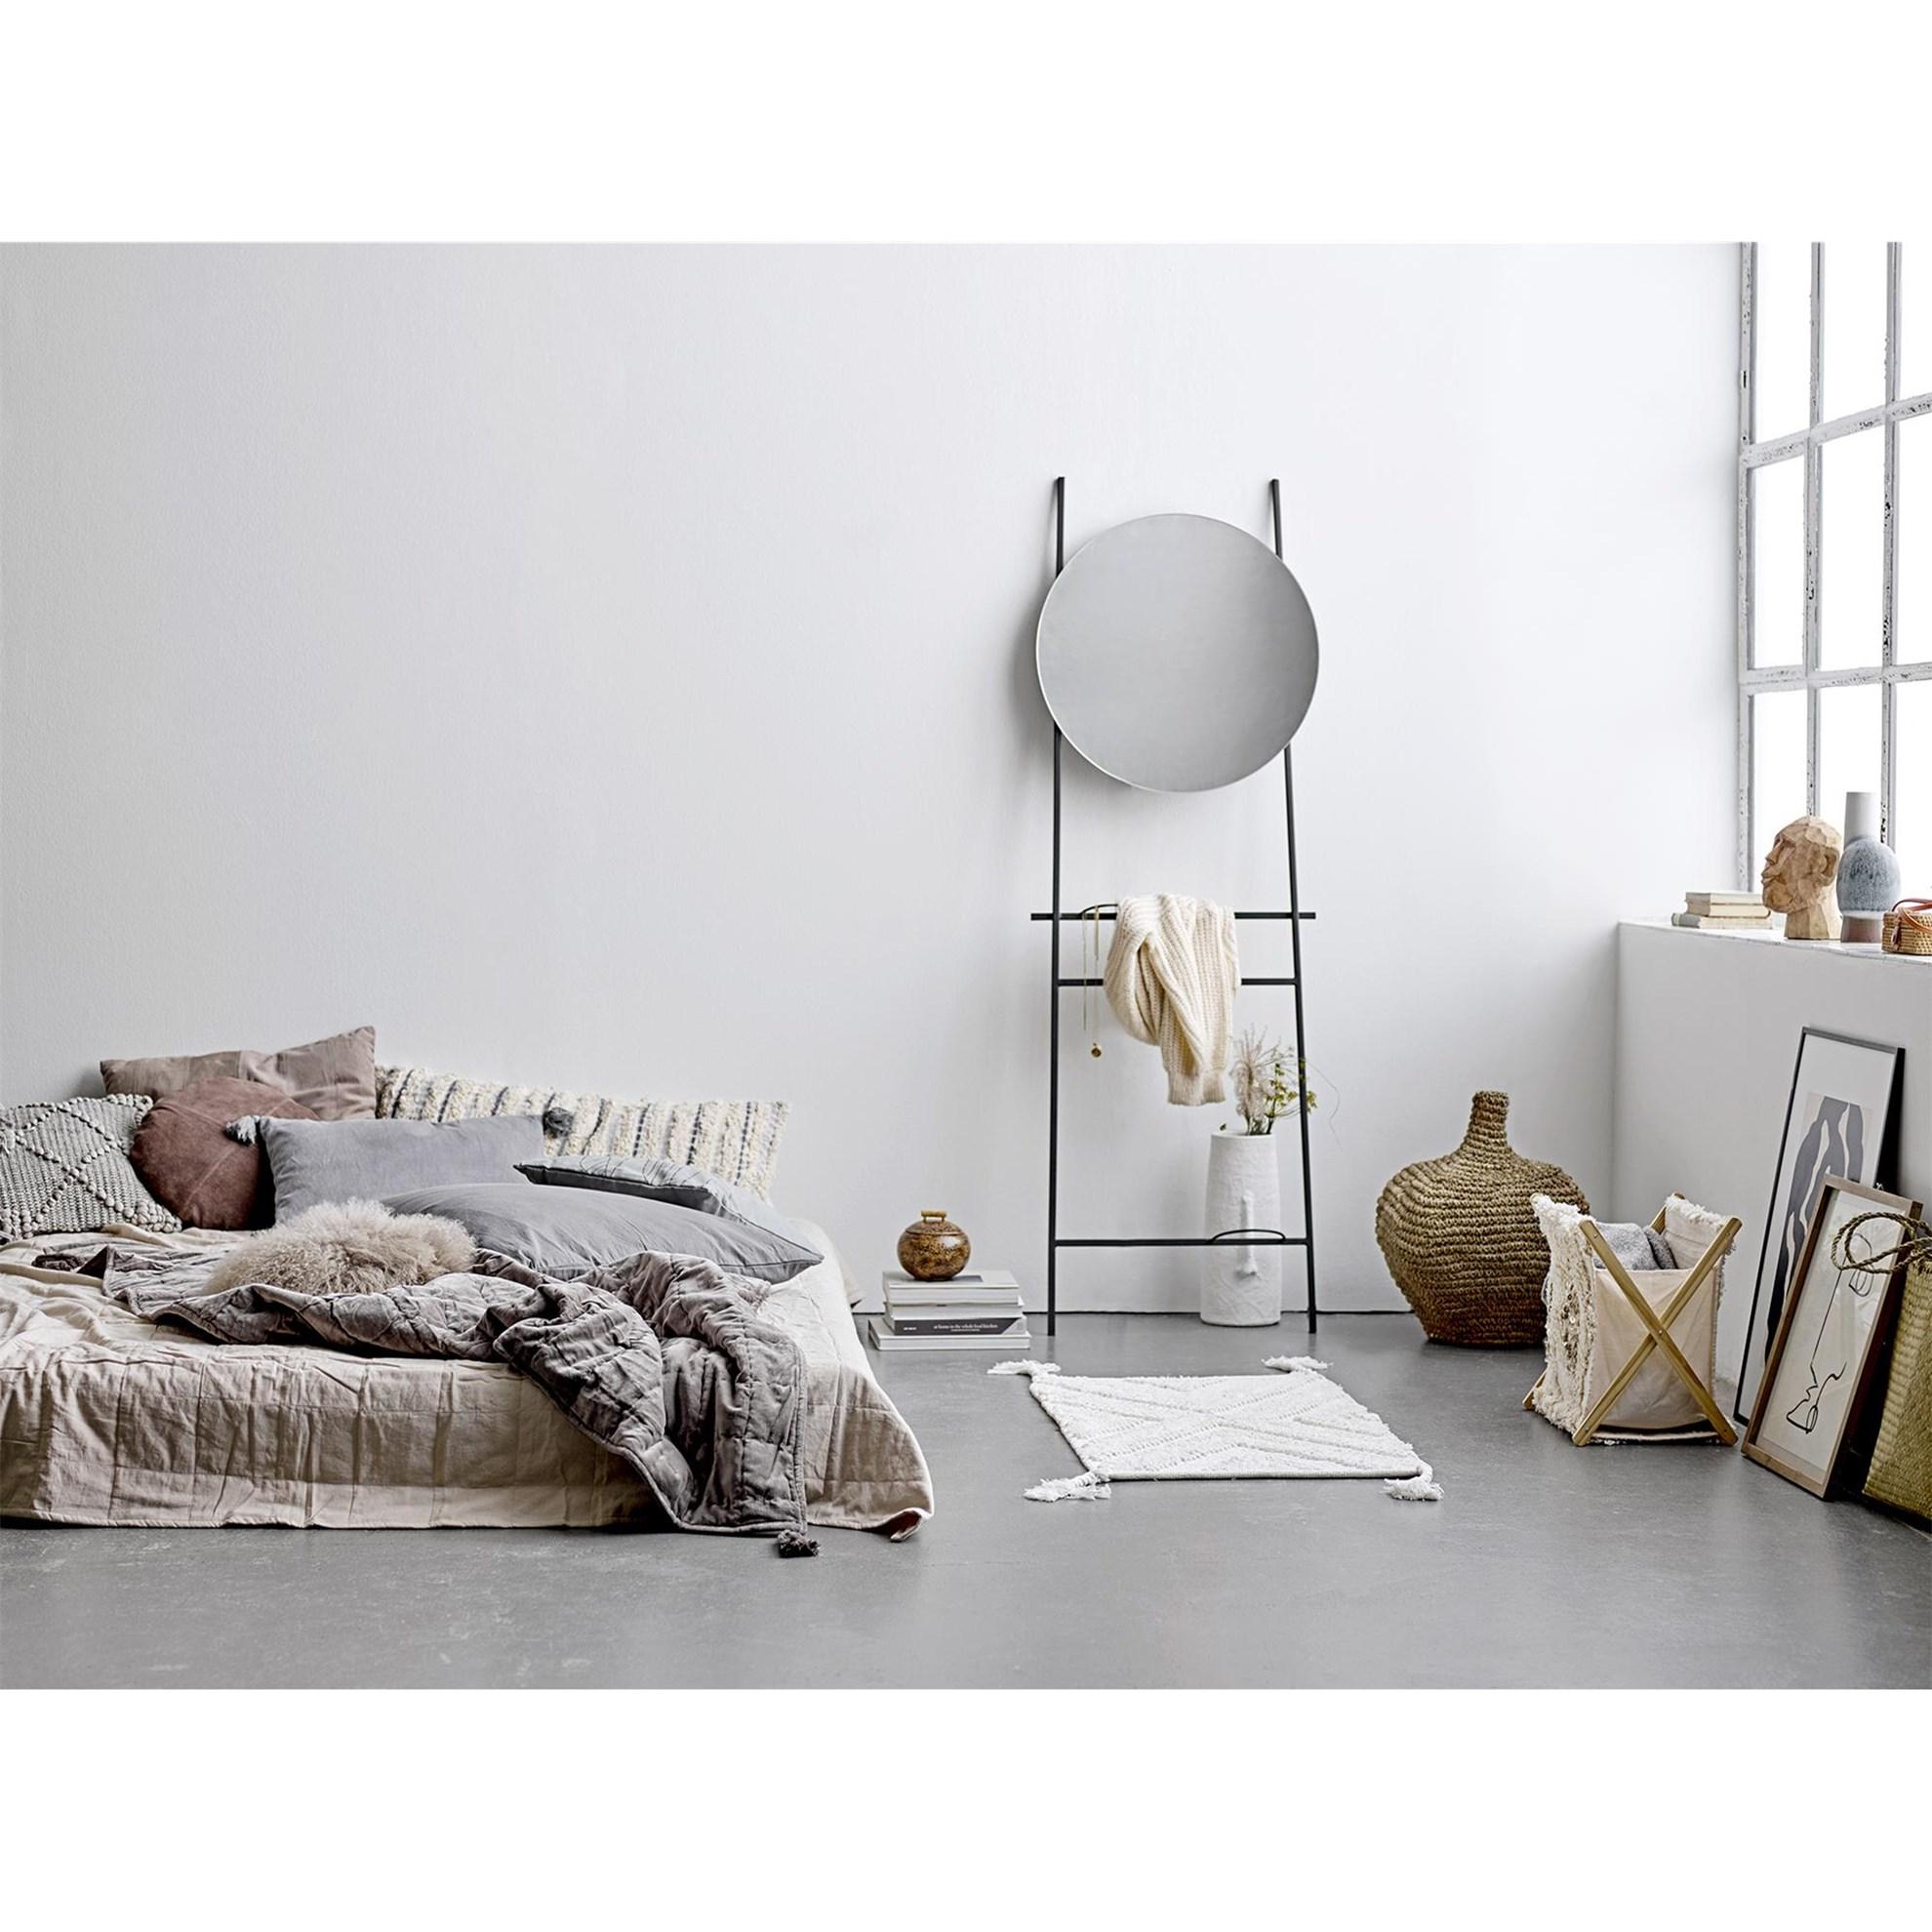 Polštář včetně výplně, 50x40 cm - šedý_2